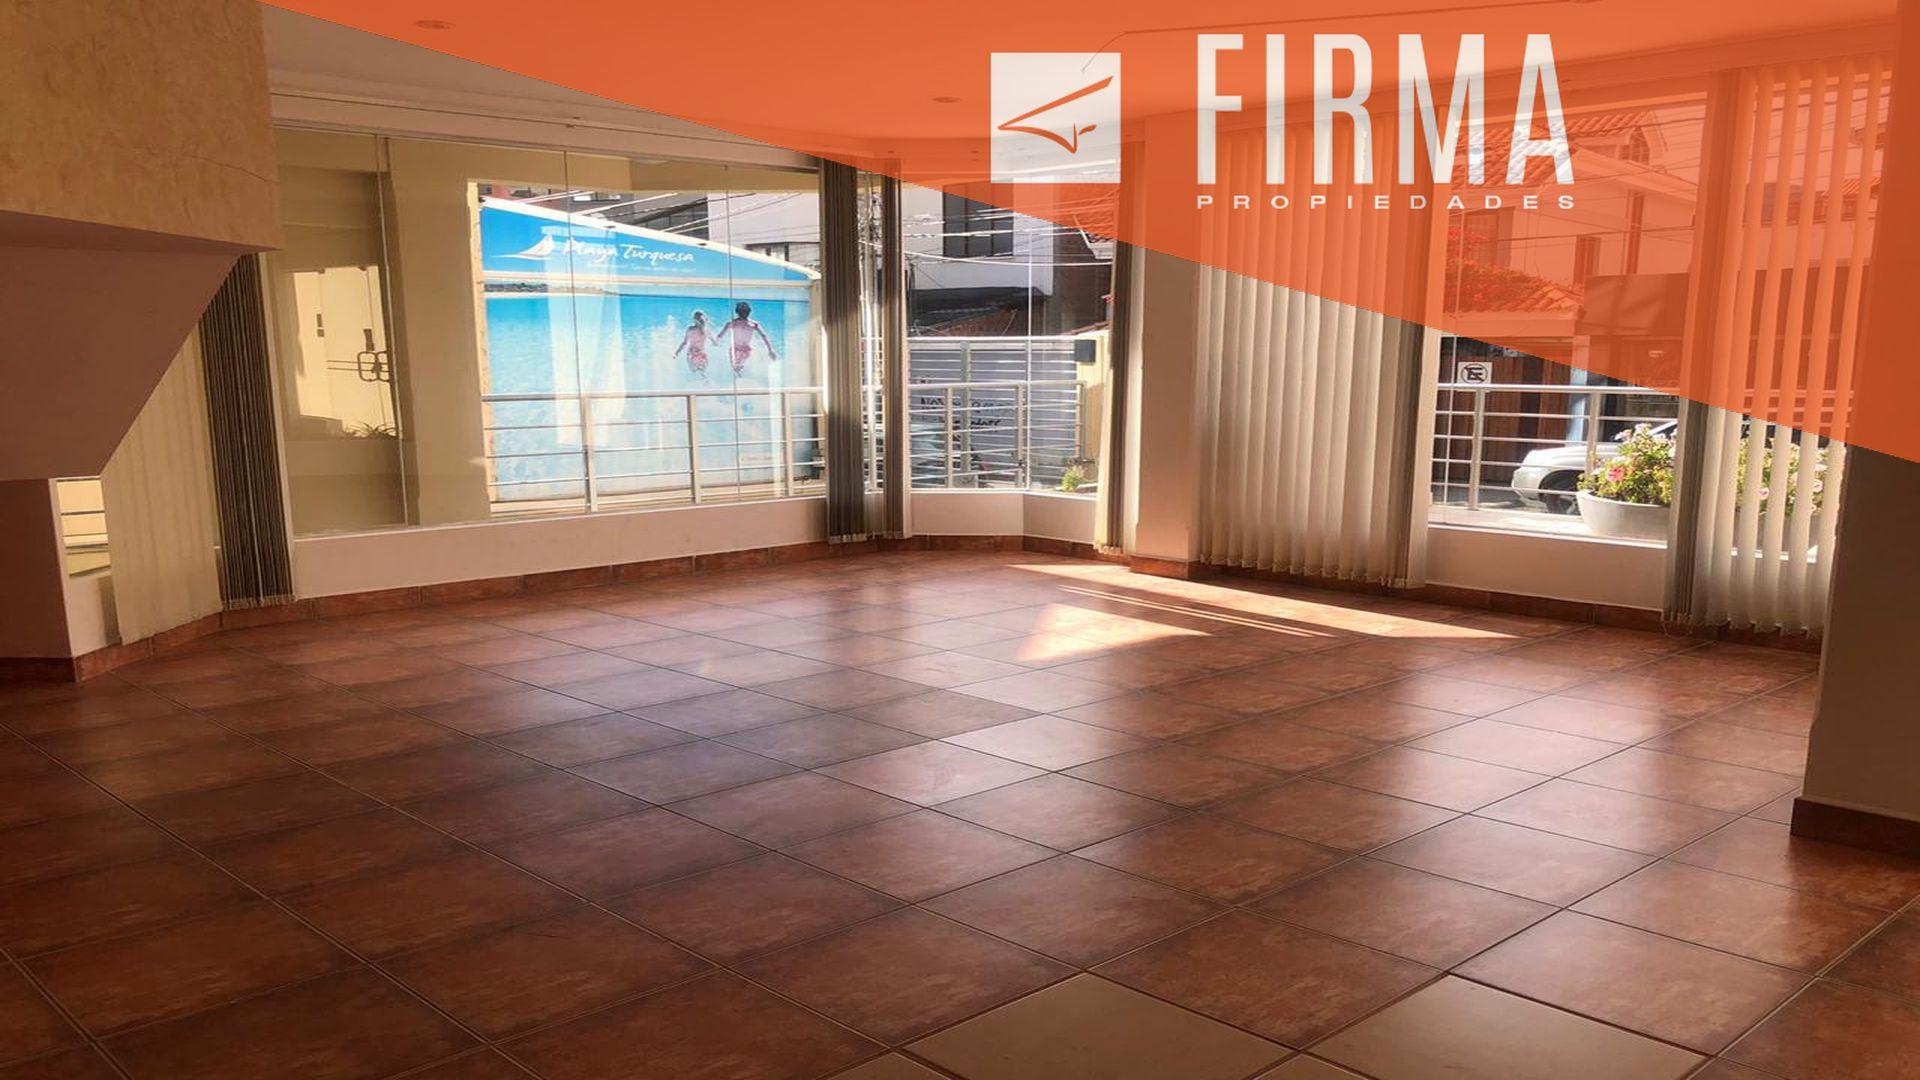 Local comercial en Alquiler FLA42550 – ALQUILA TU LOCAL COMERCIAL EN SAN MIGUEL Foto 1